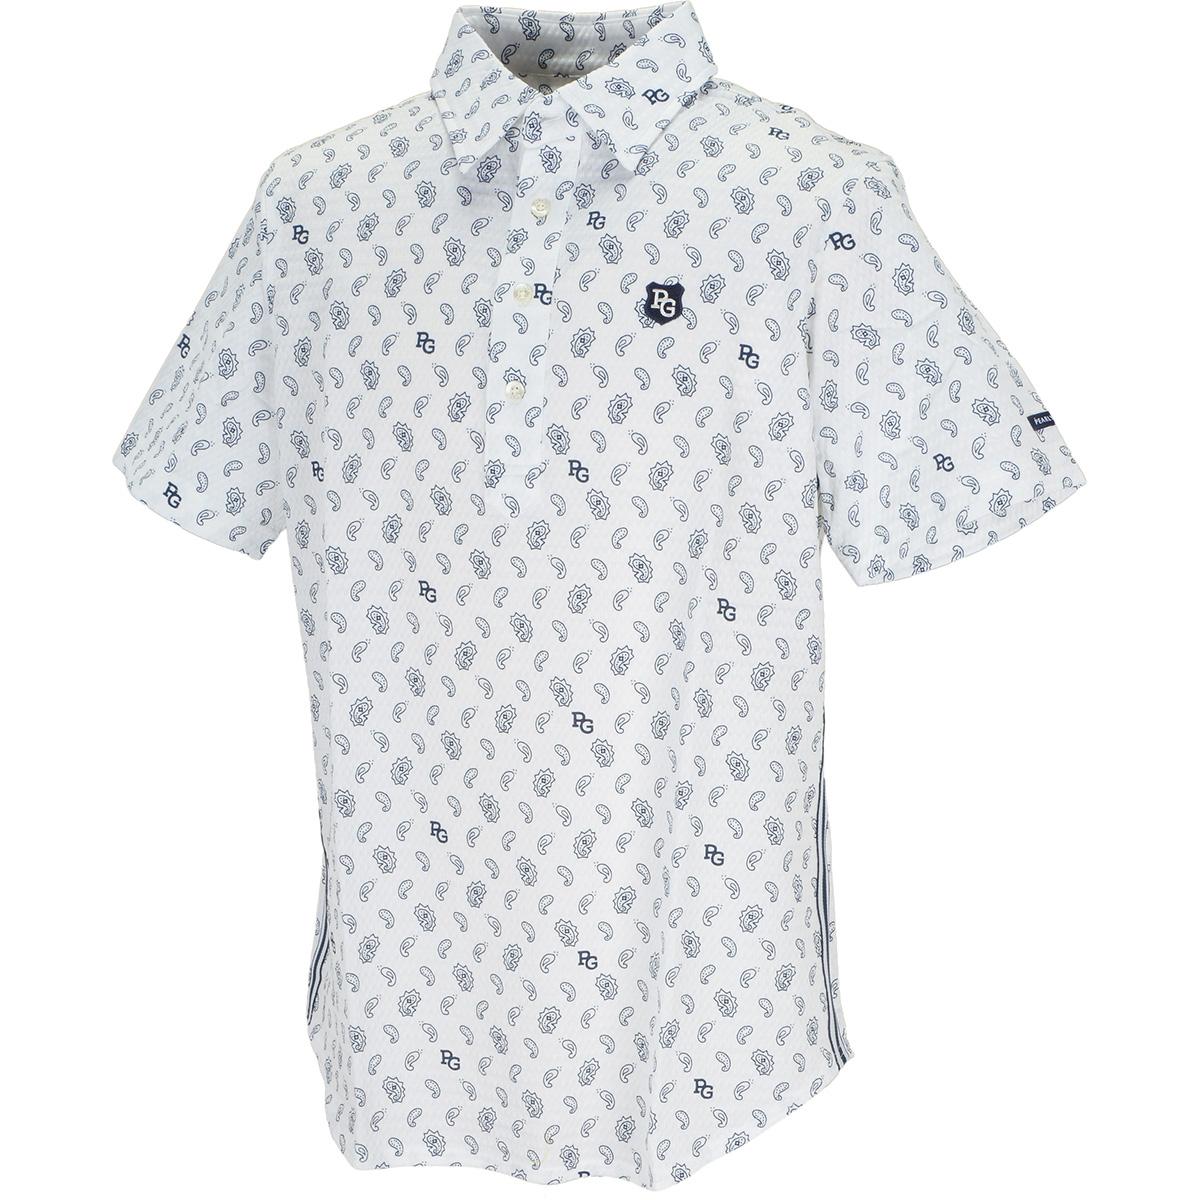 サッカー ペイズリー柄半袖ポロシャツ